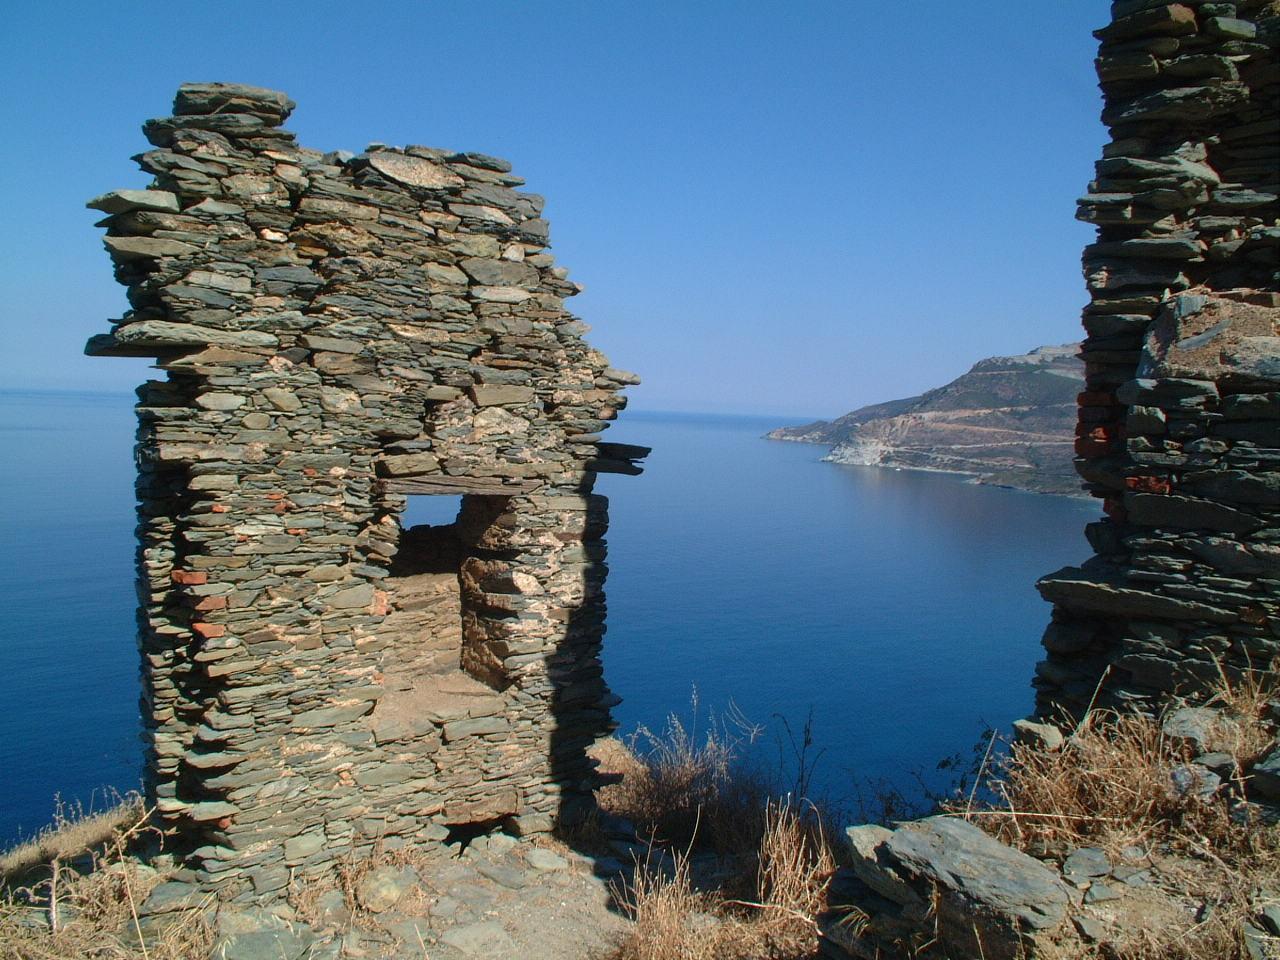 Uitkijk op één van de stranden van het Franse eiland Corsica, aan de Middenlandse zee.